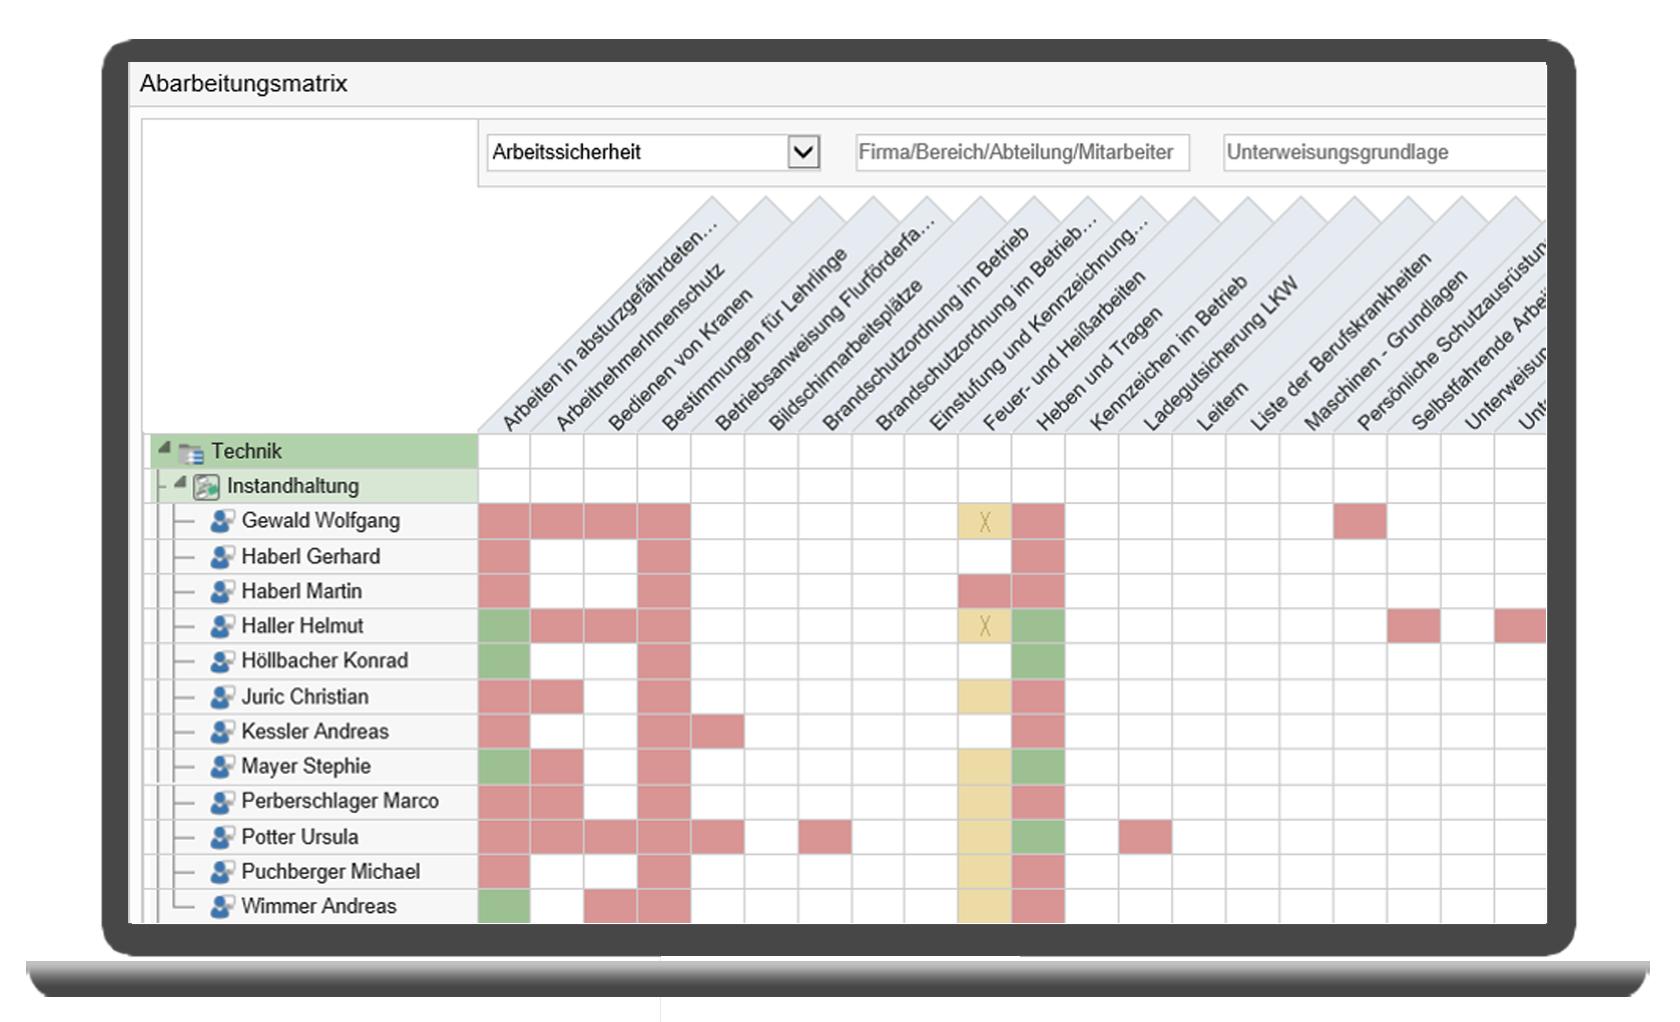 syneris Abbarbeitungsmatrix bietet einen Überblick über den Erledigungsstatus